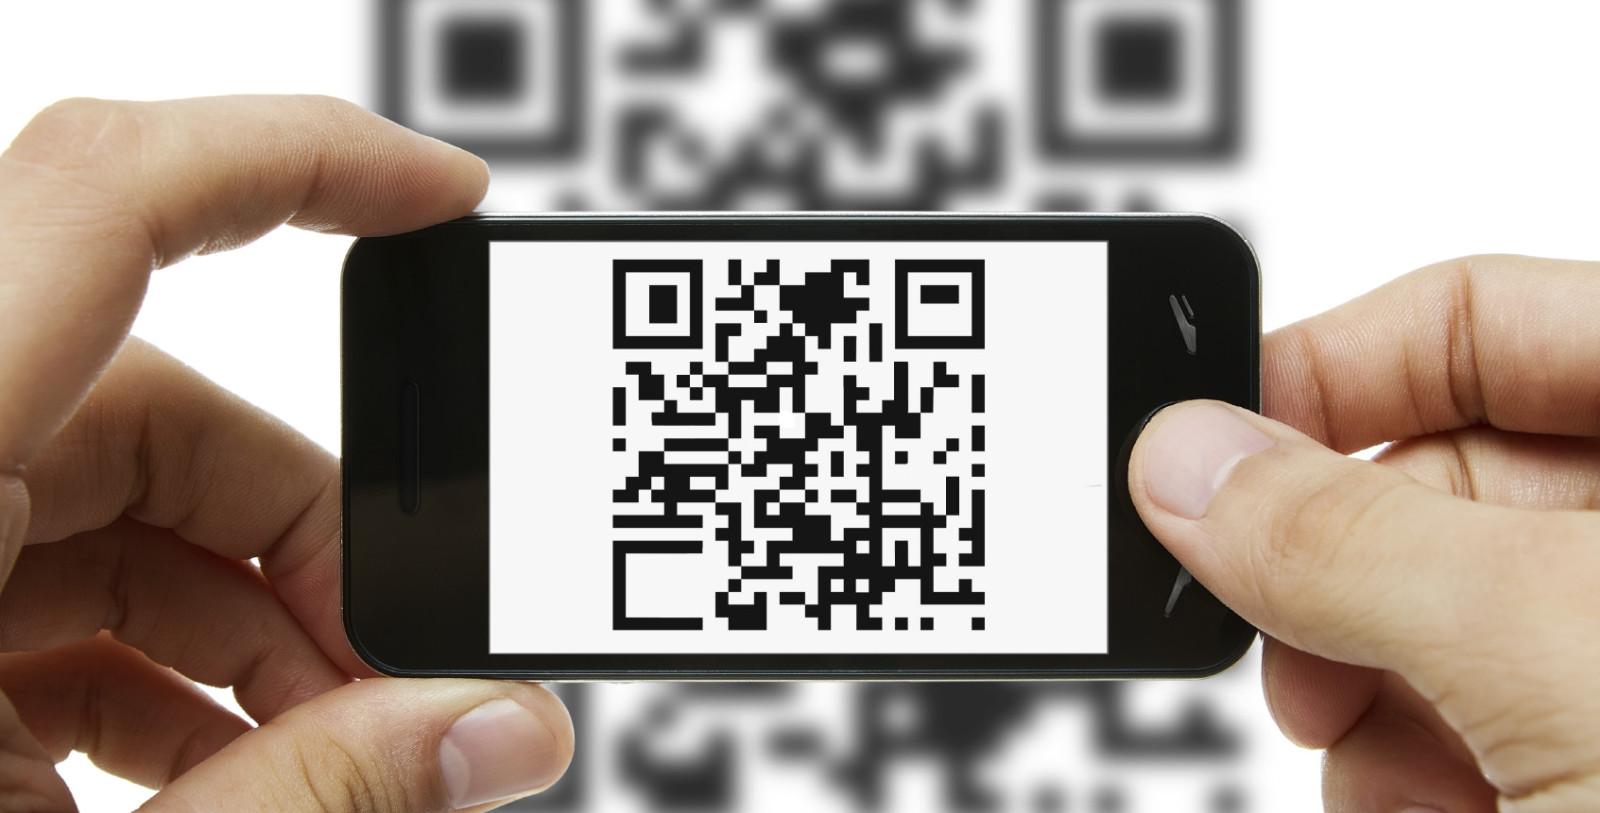 Читаем штрих коды при помощи iPhone